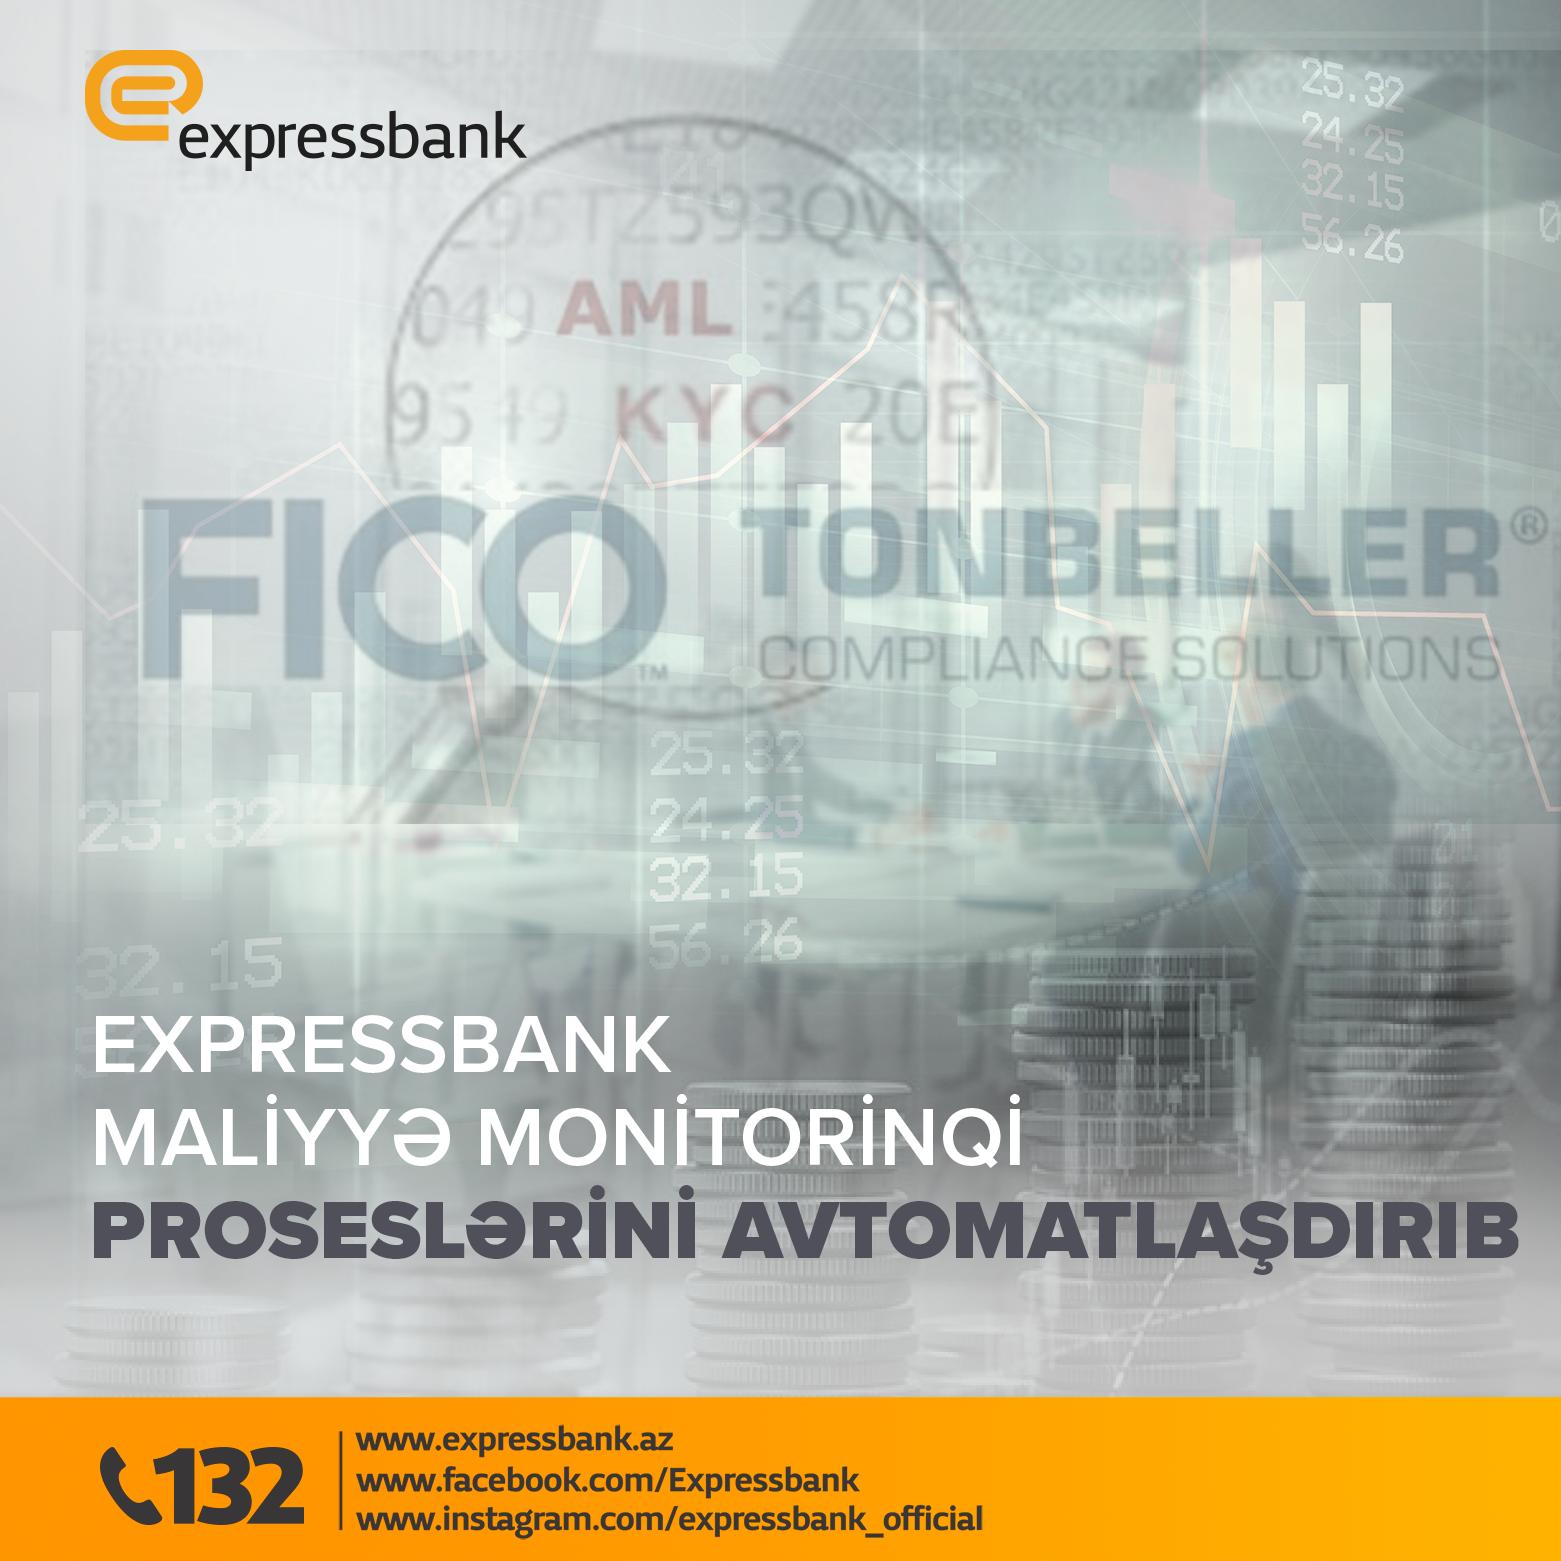 Expressbank maliyyə monitorinqi proseslərini avtomatlaşdırıb